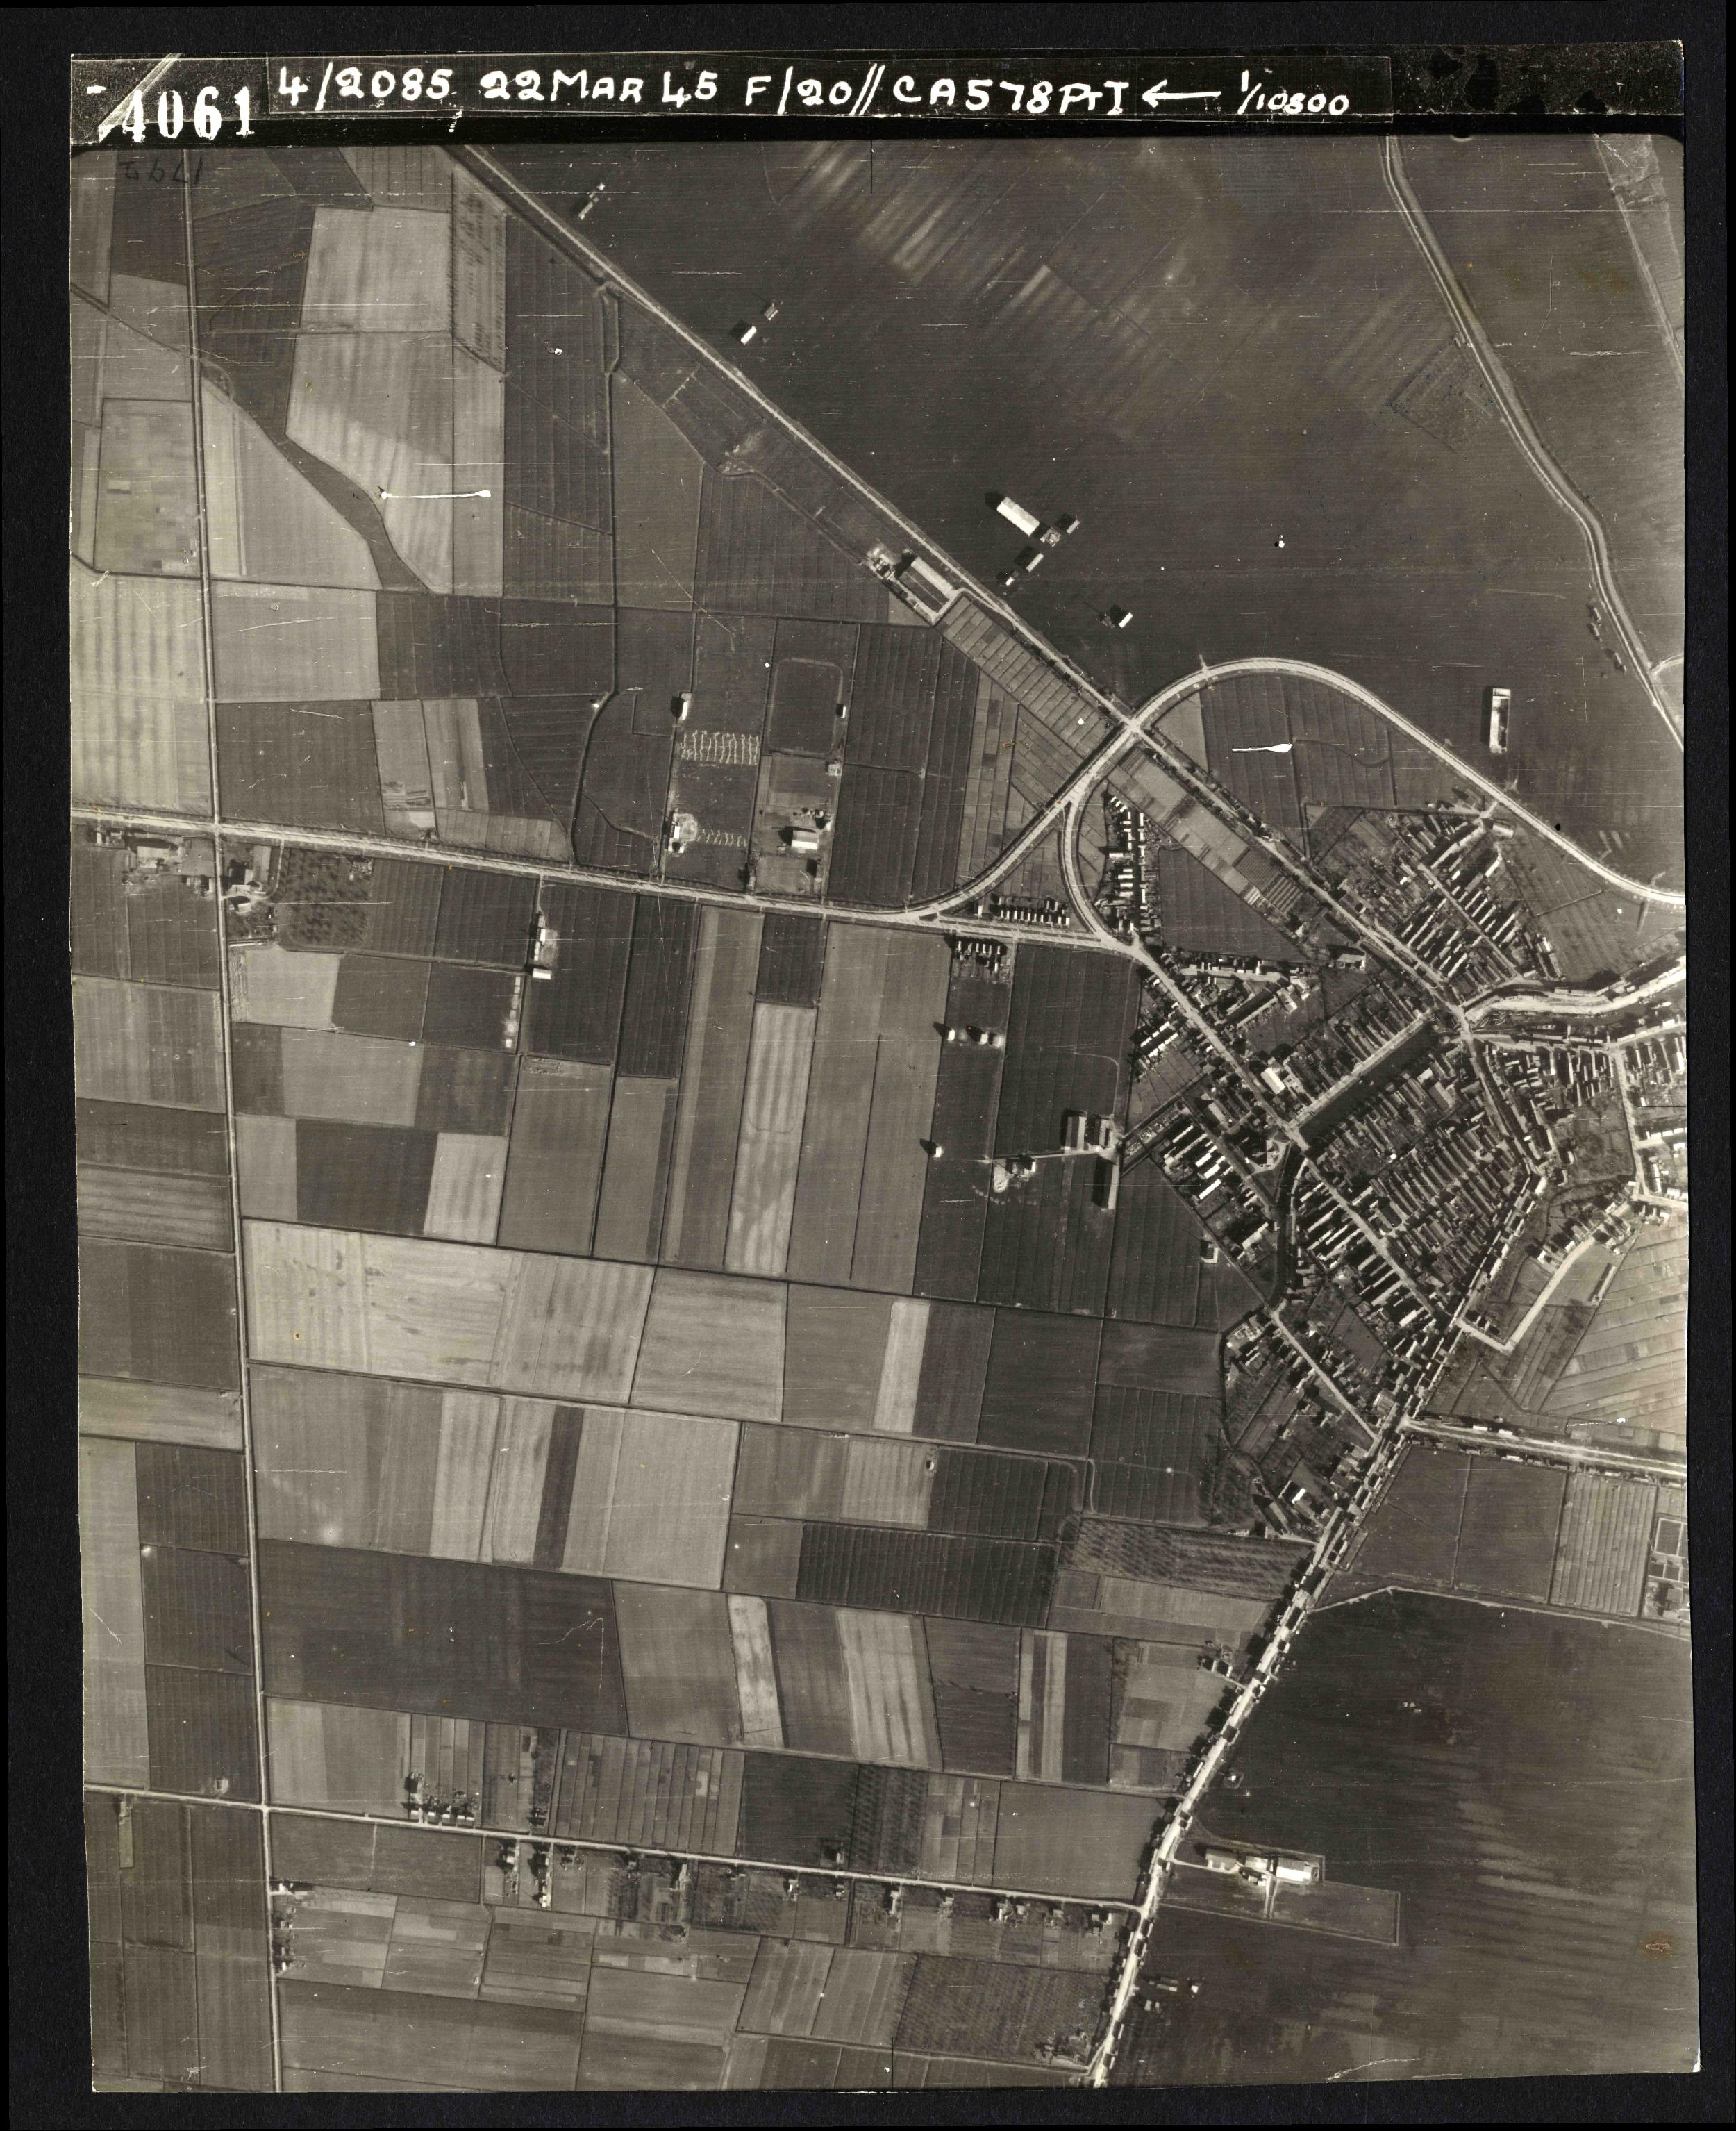 Collection RAF aerial photos 1940-1945 - flight 021, run 01, photo 4061